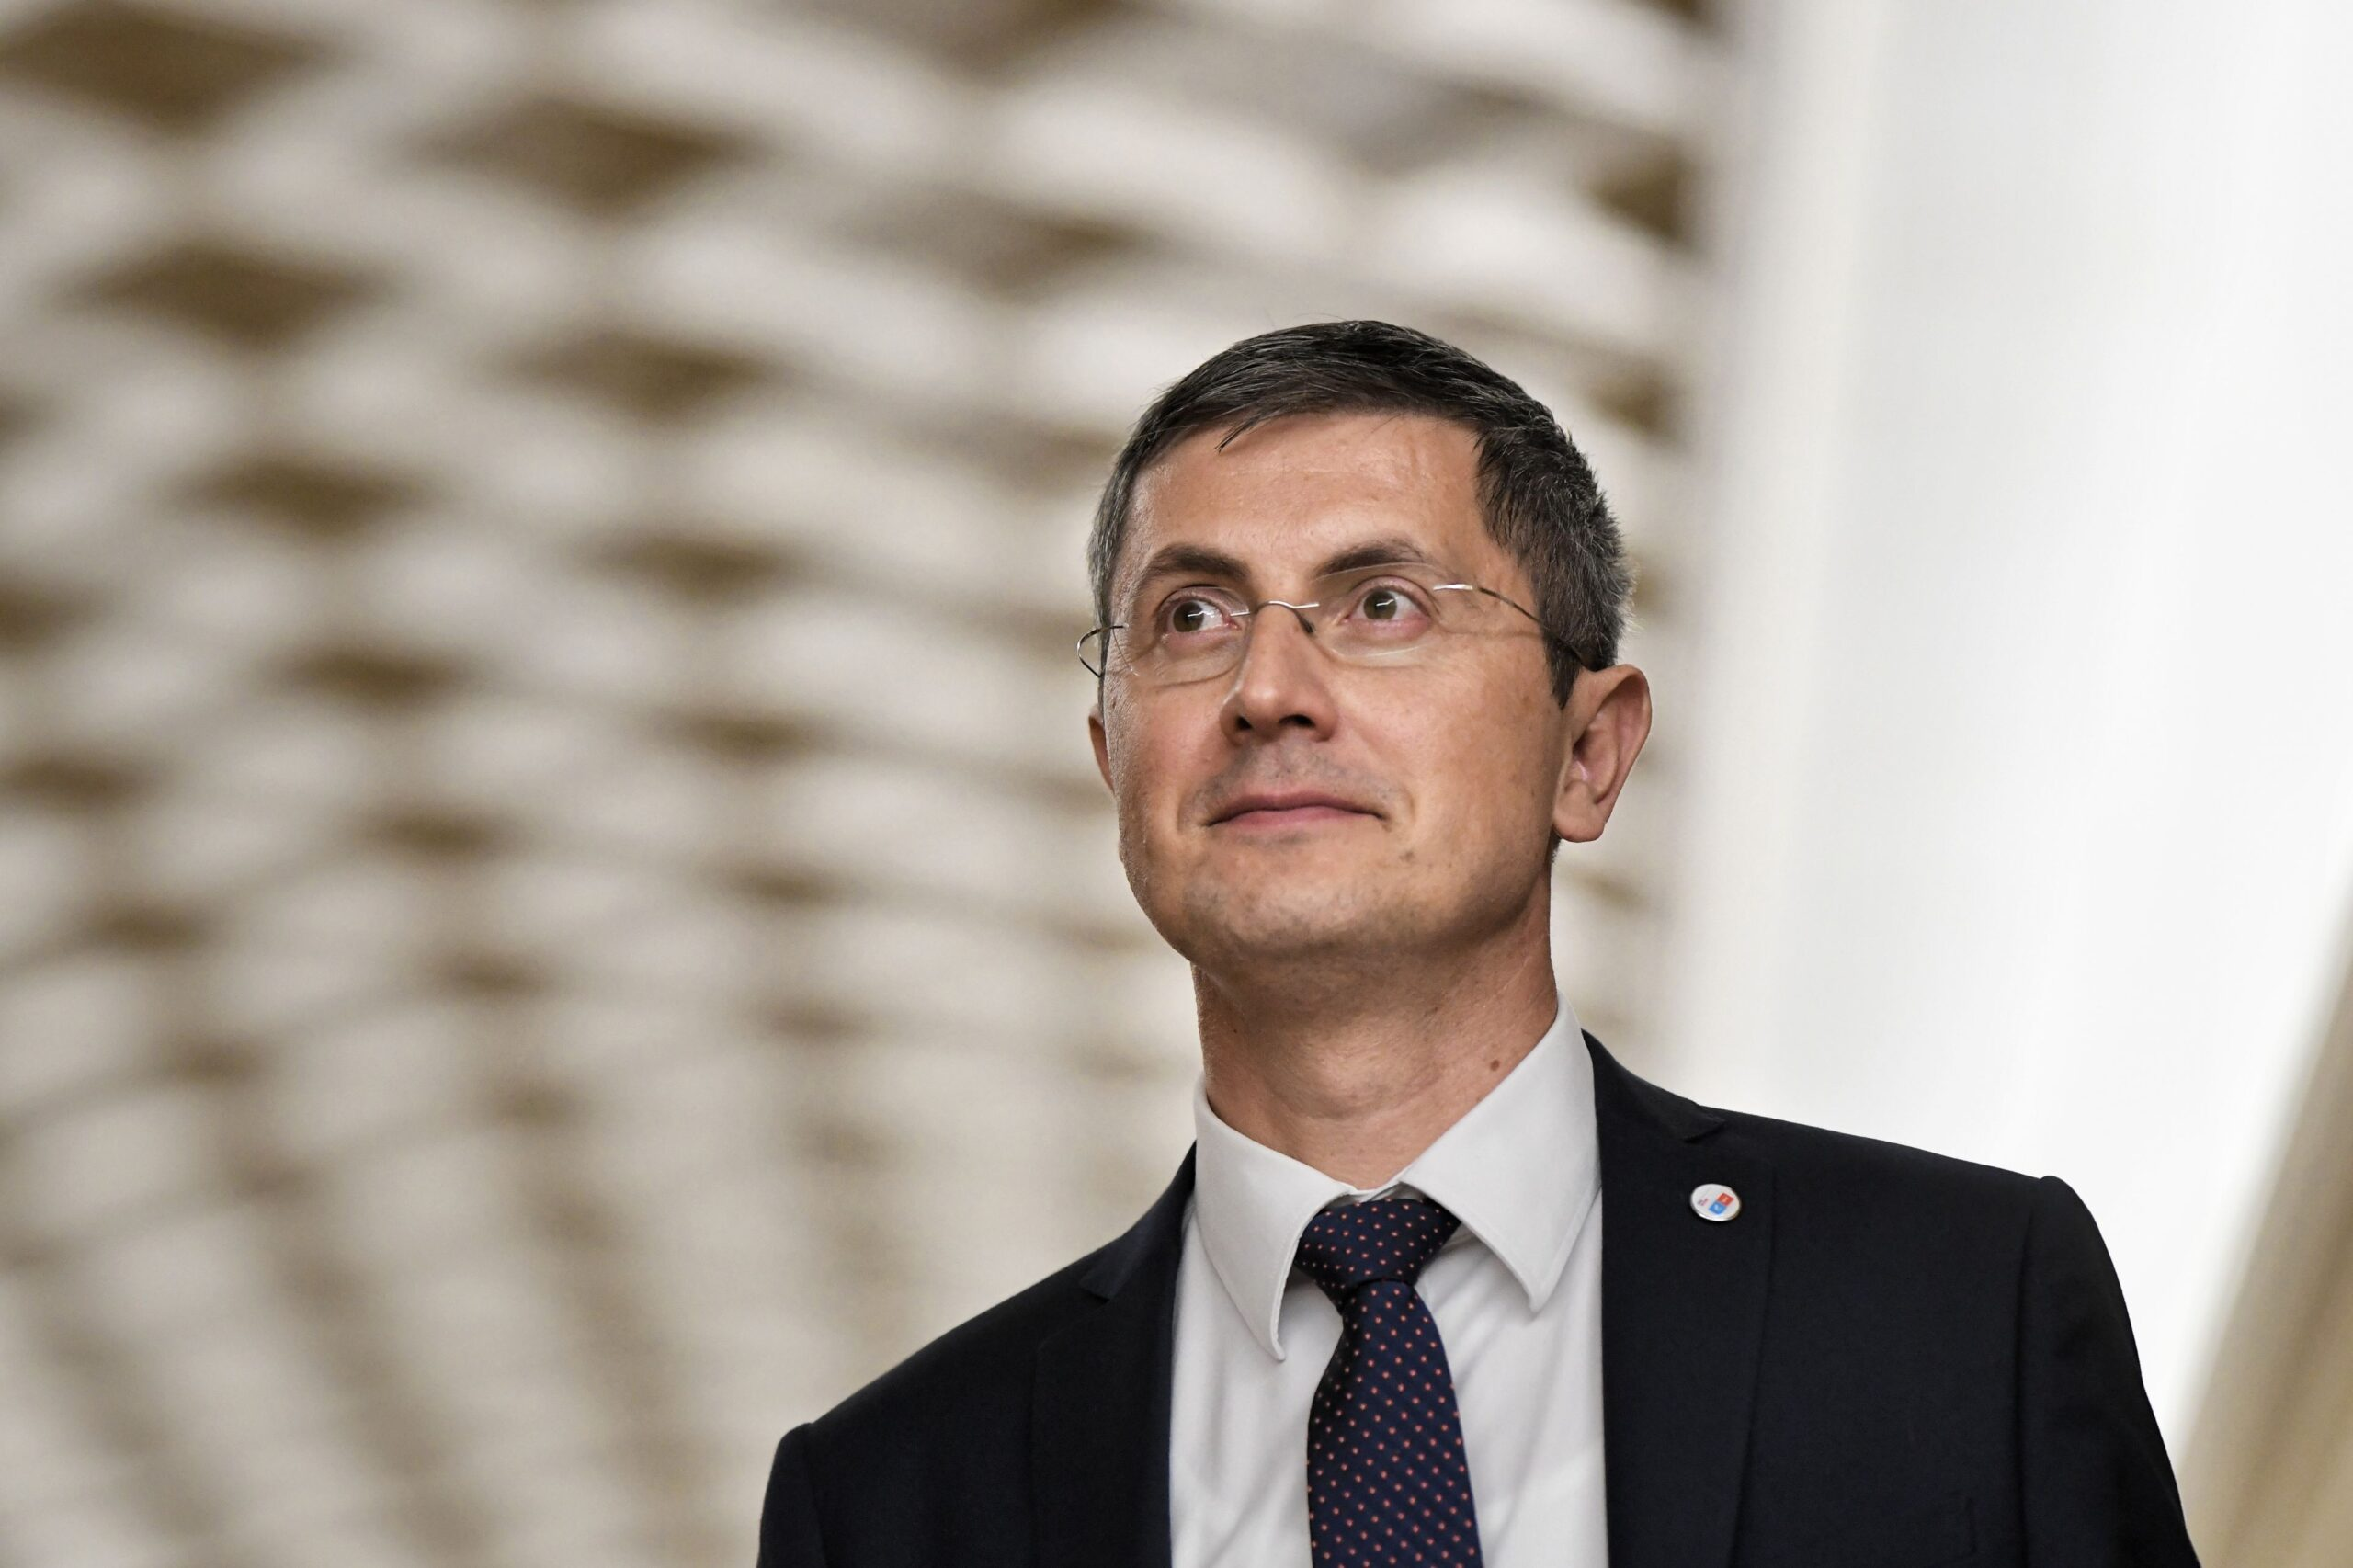 Dan Barna penalizat pentru absențe în parlament. Alți 5 colegi din USR au primit aceeași sancțiune